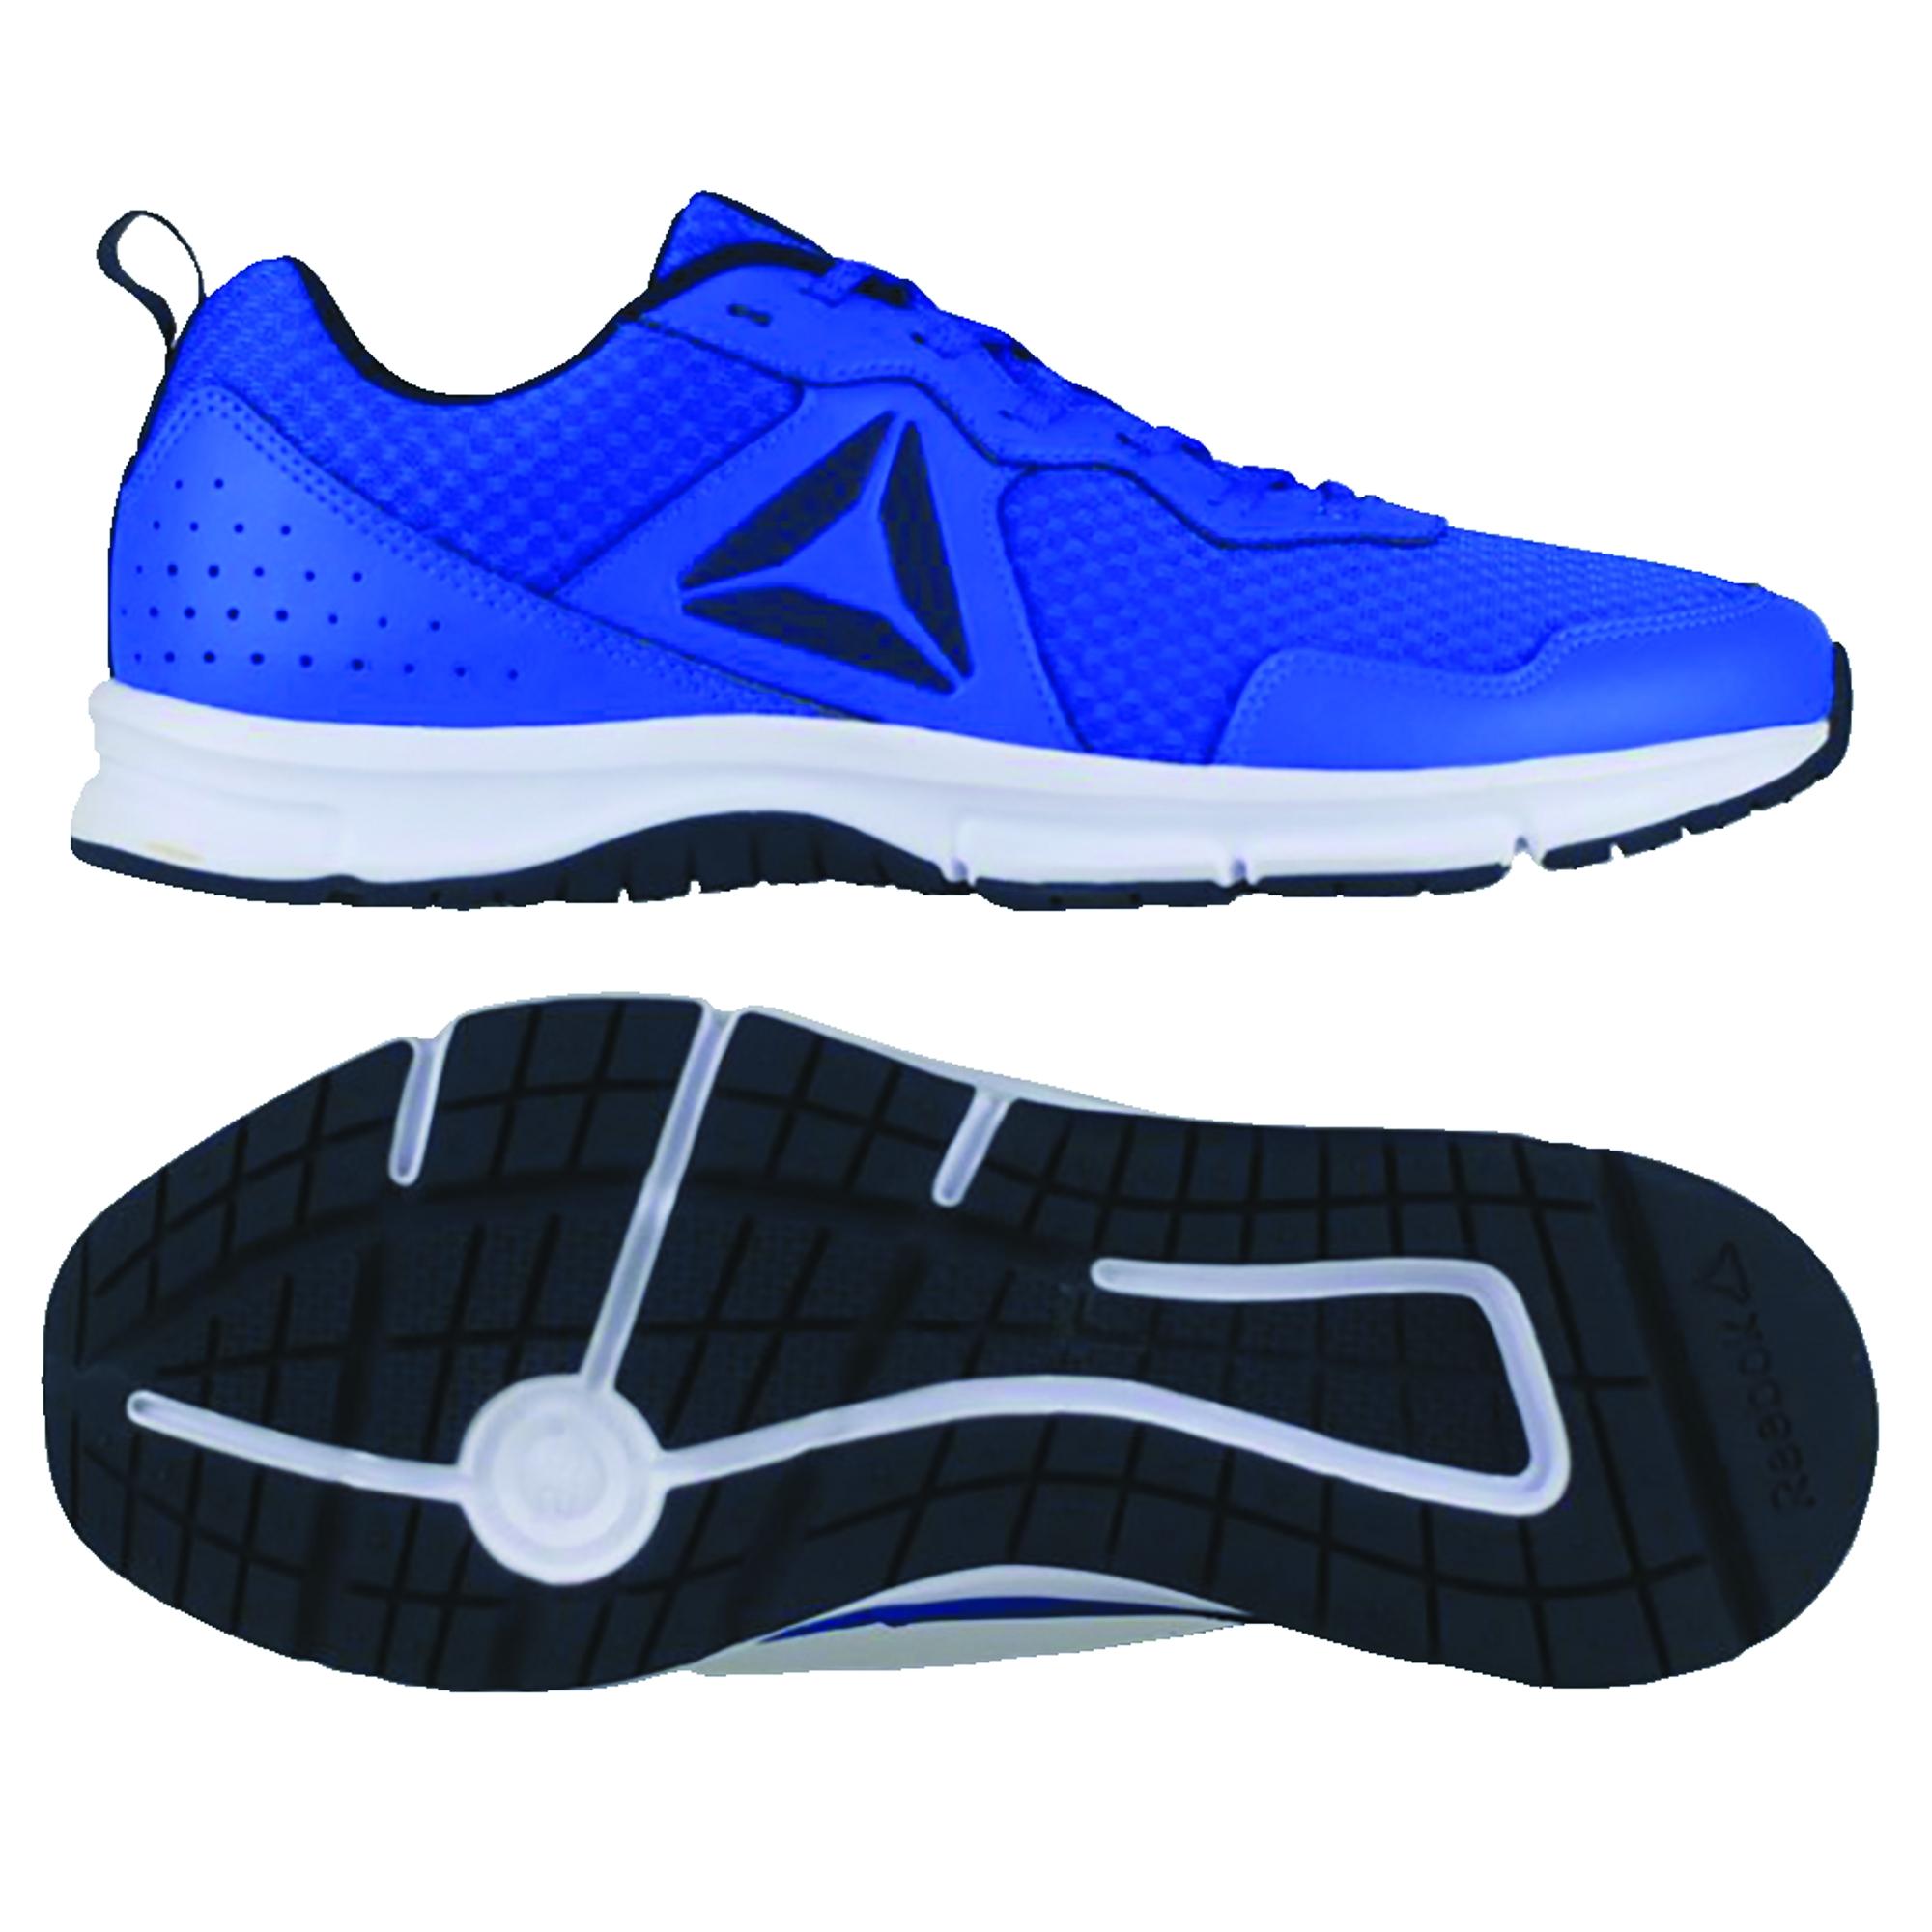 a1df83a1edf39c Chaussures Reebok Express Runner 2.0